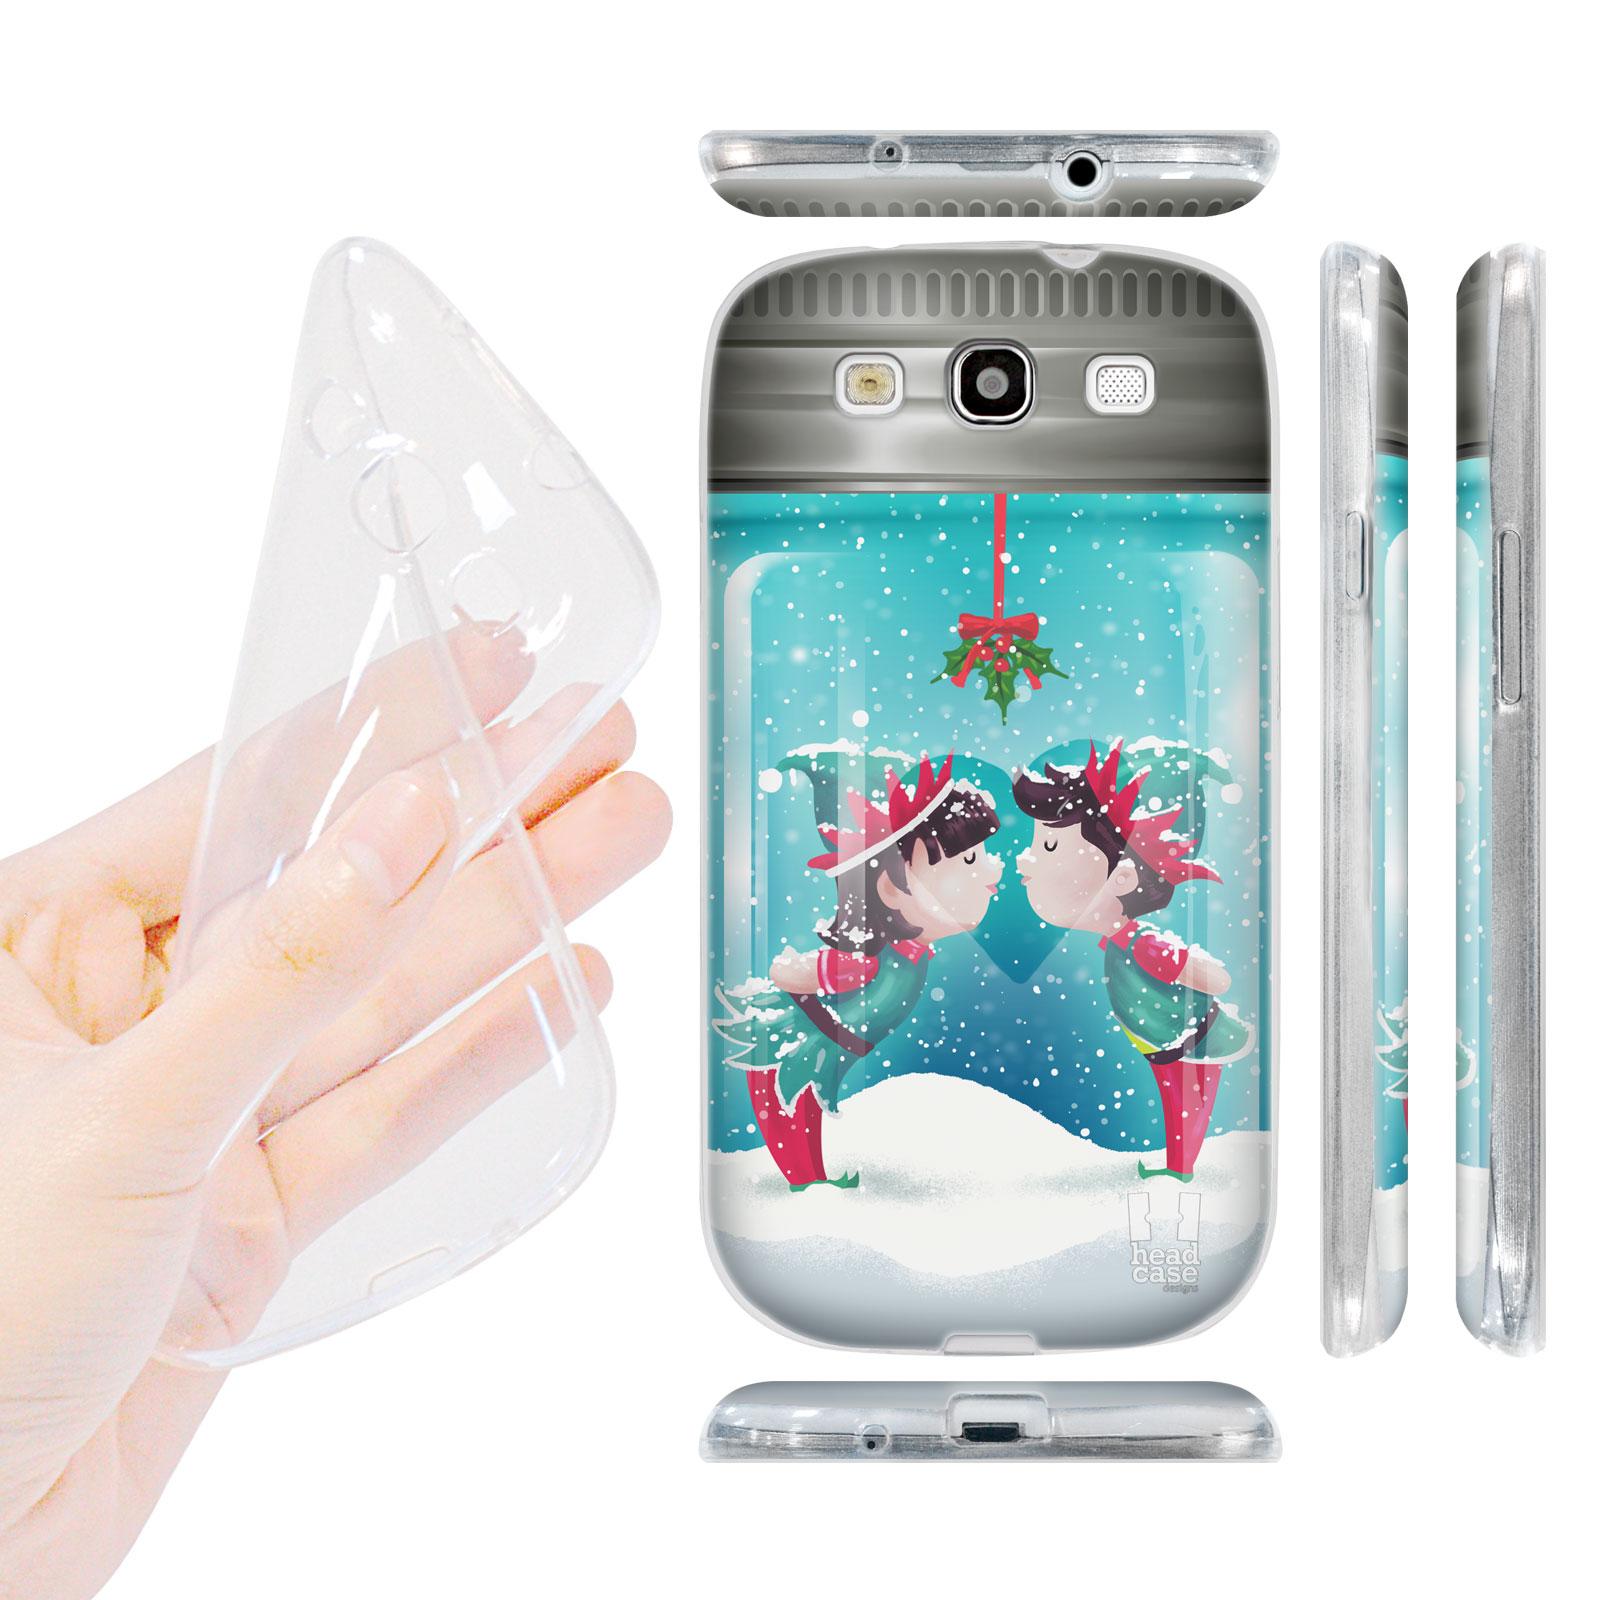 HEAD CASE silikonový obal na mobil Galaxy S3 i9300 Vánoce skleněná koule jmelí